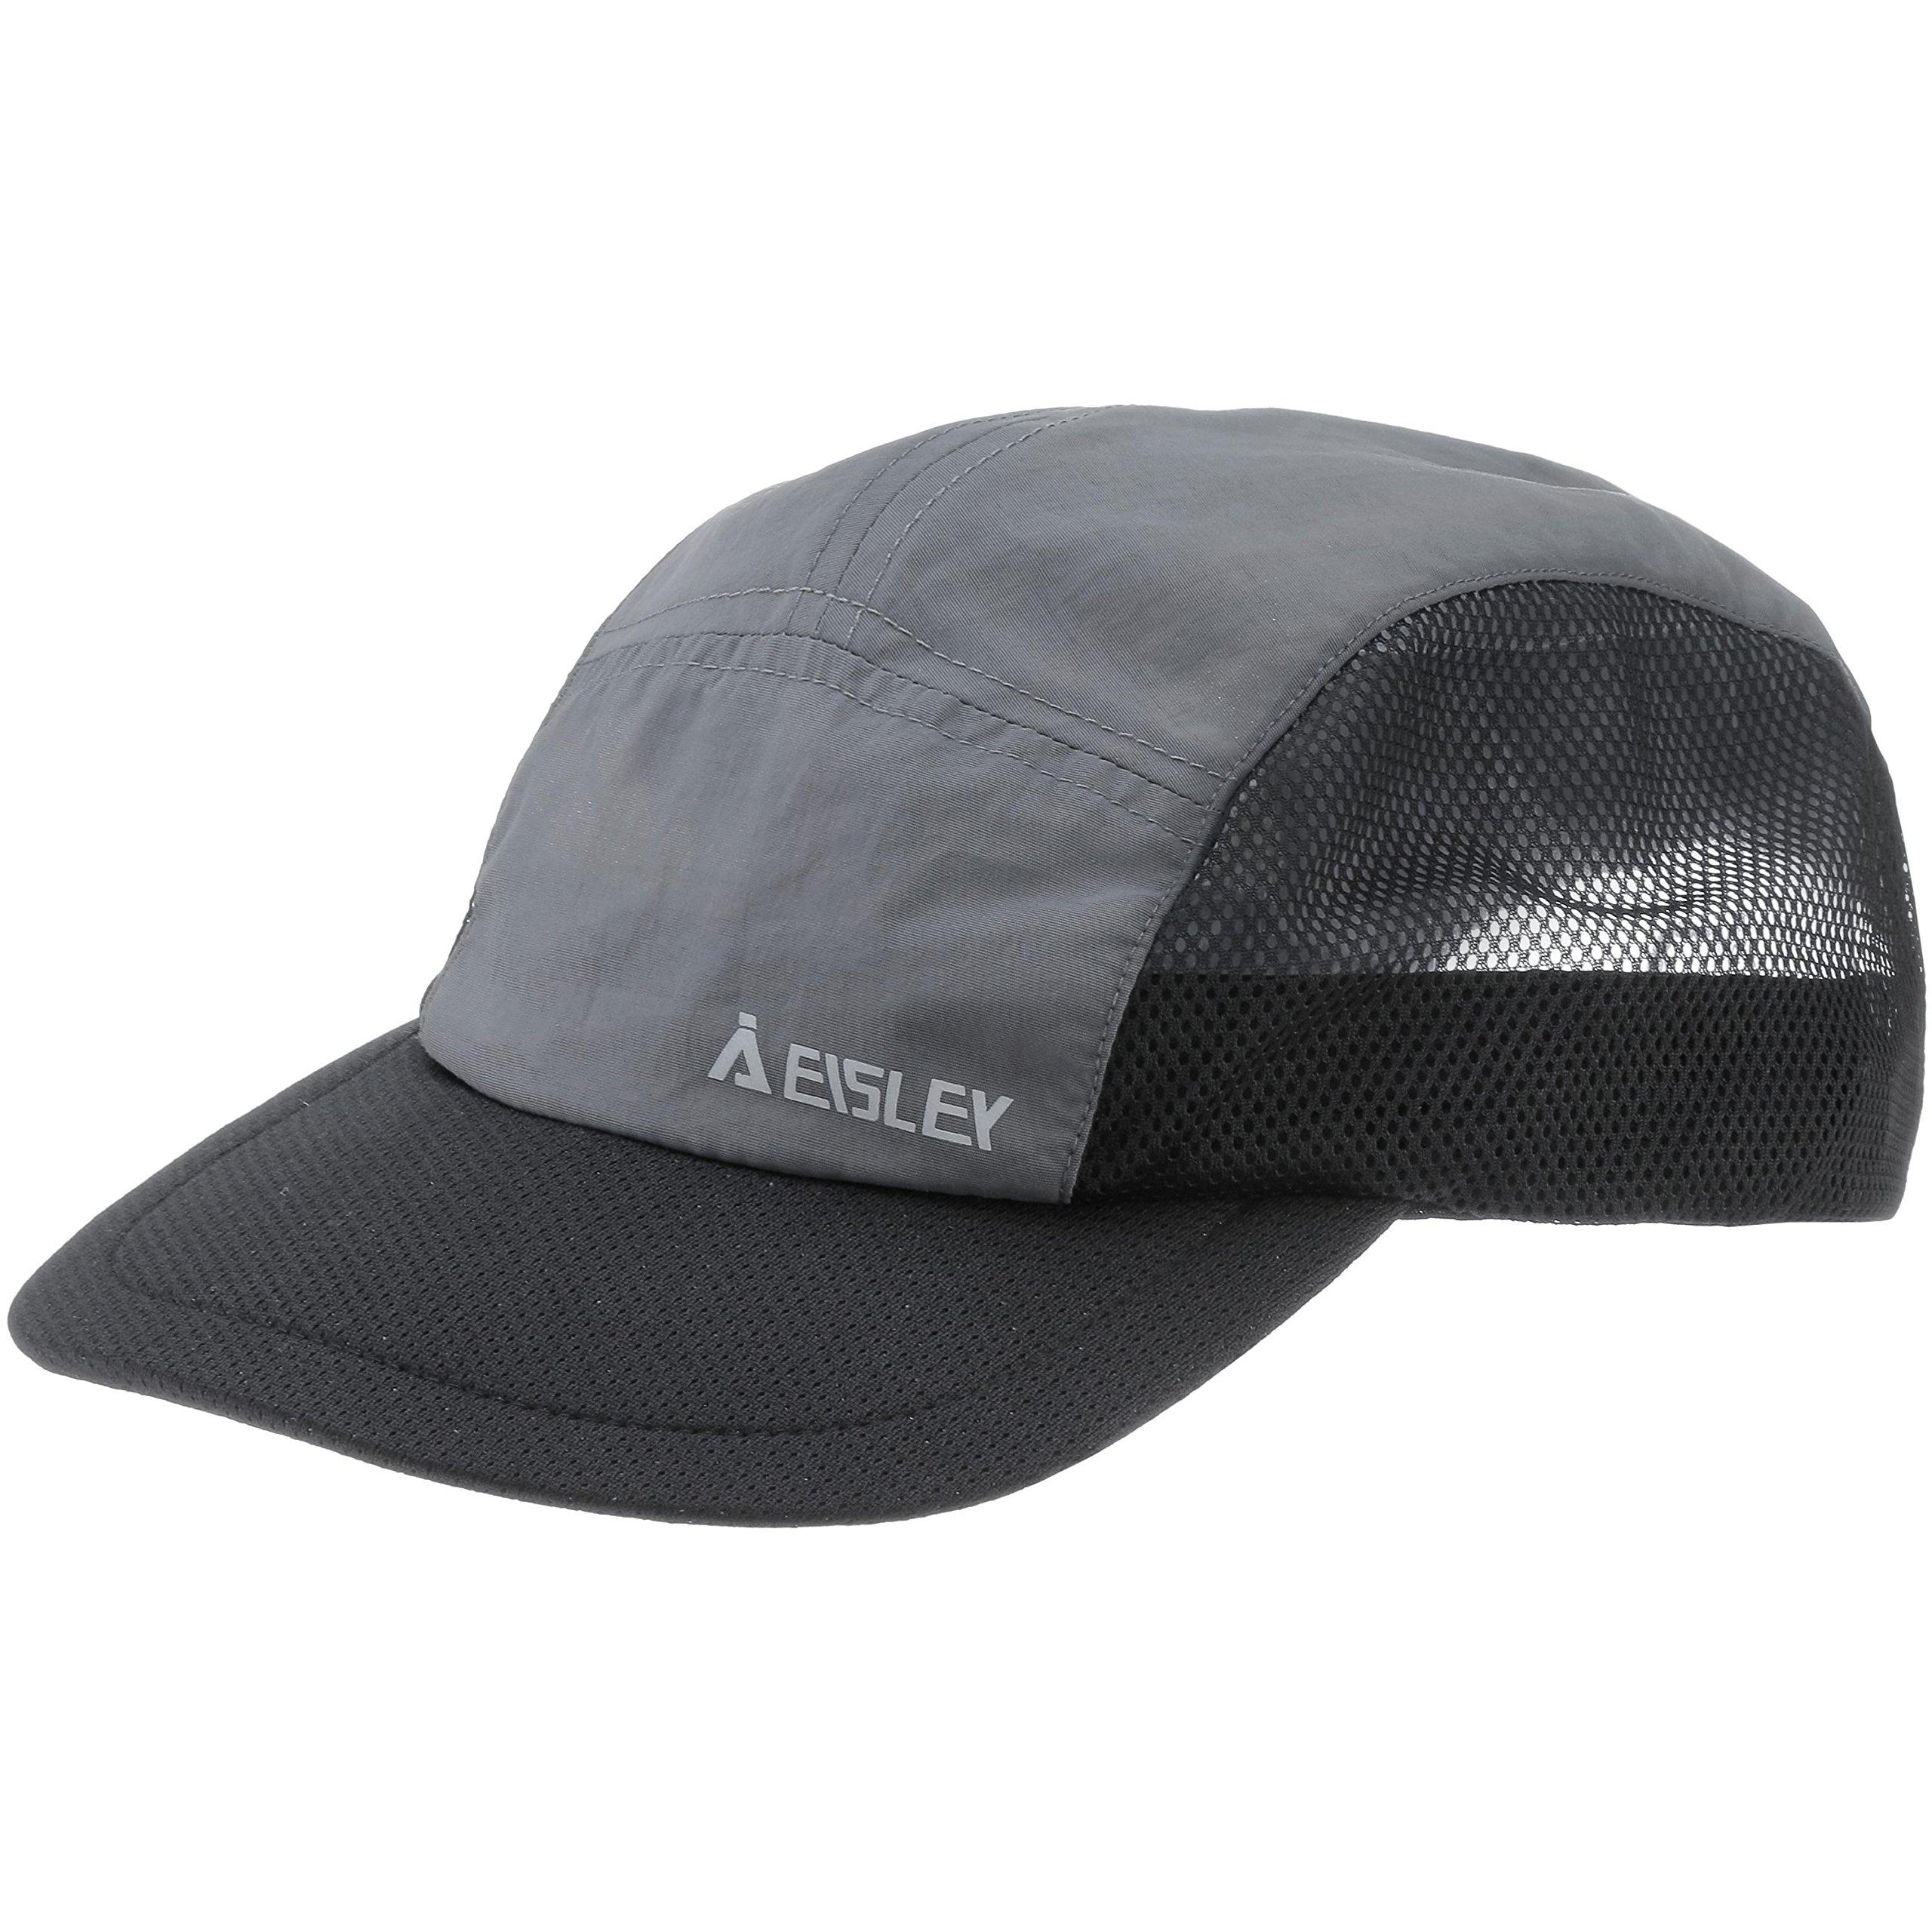 Eisley Feather Cap, Grau, M